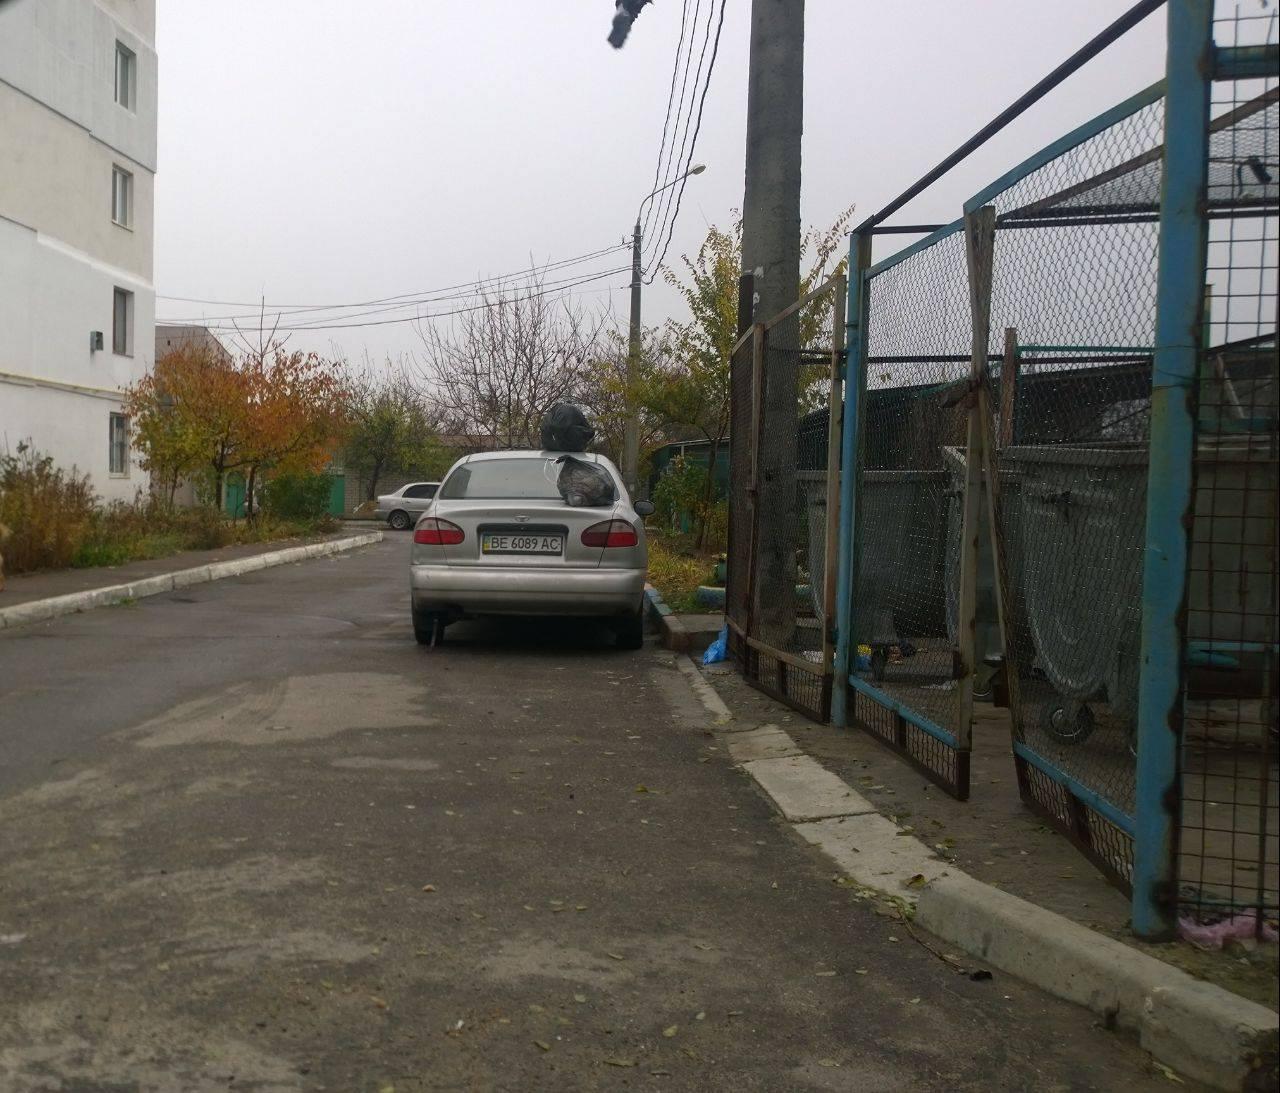 Миколаївці наказали нахабного паркувальника, та накидали на авто сміття